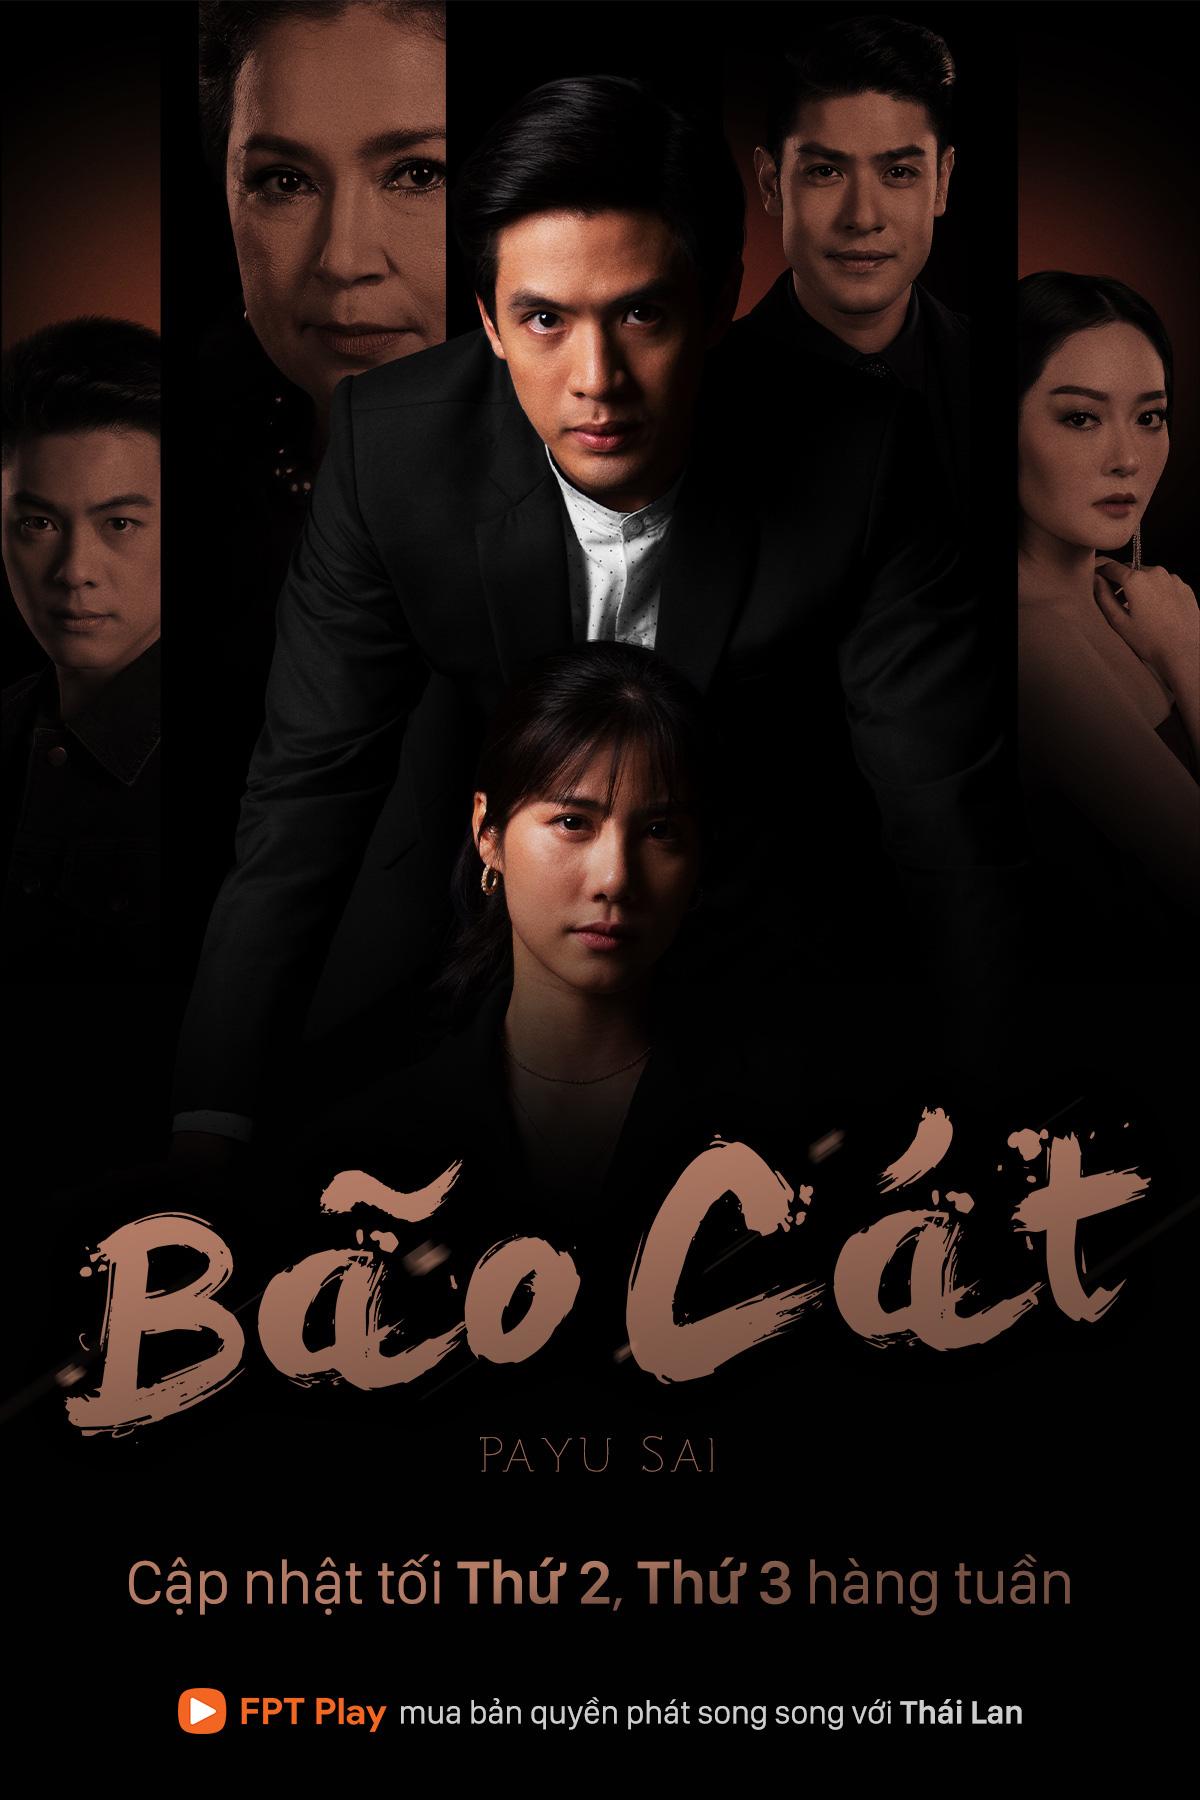 Mê mẩn cùng 5 phim Thái Lan đang hot trên FPT Play năm 2021 - Ảnh 2.